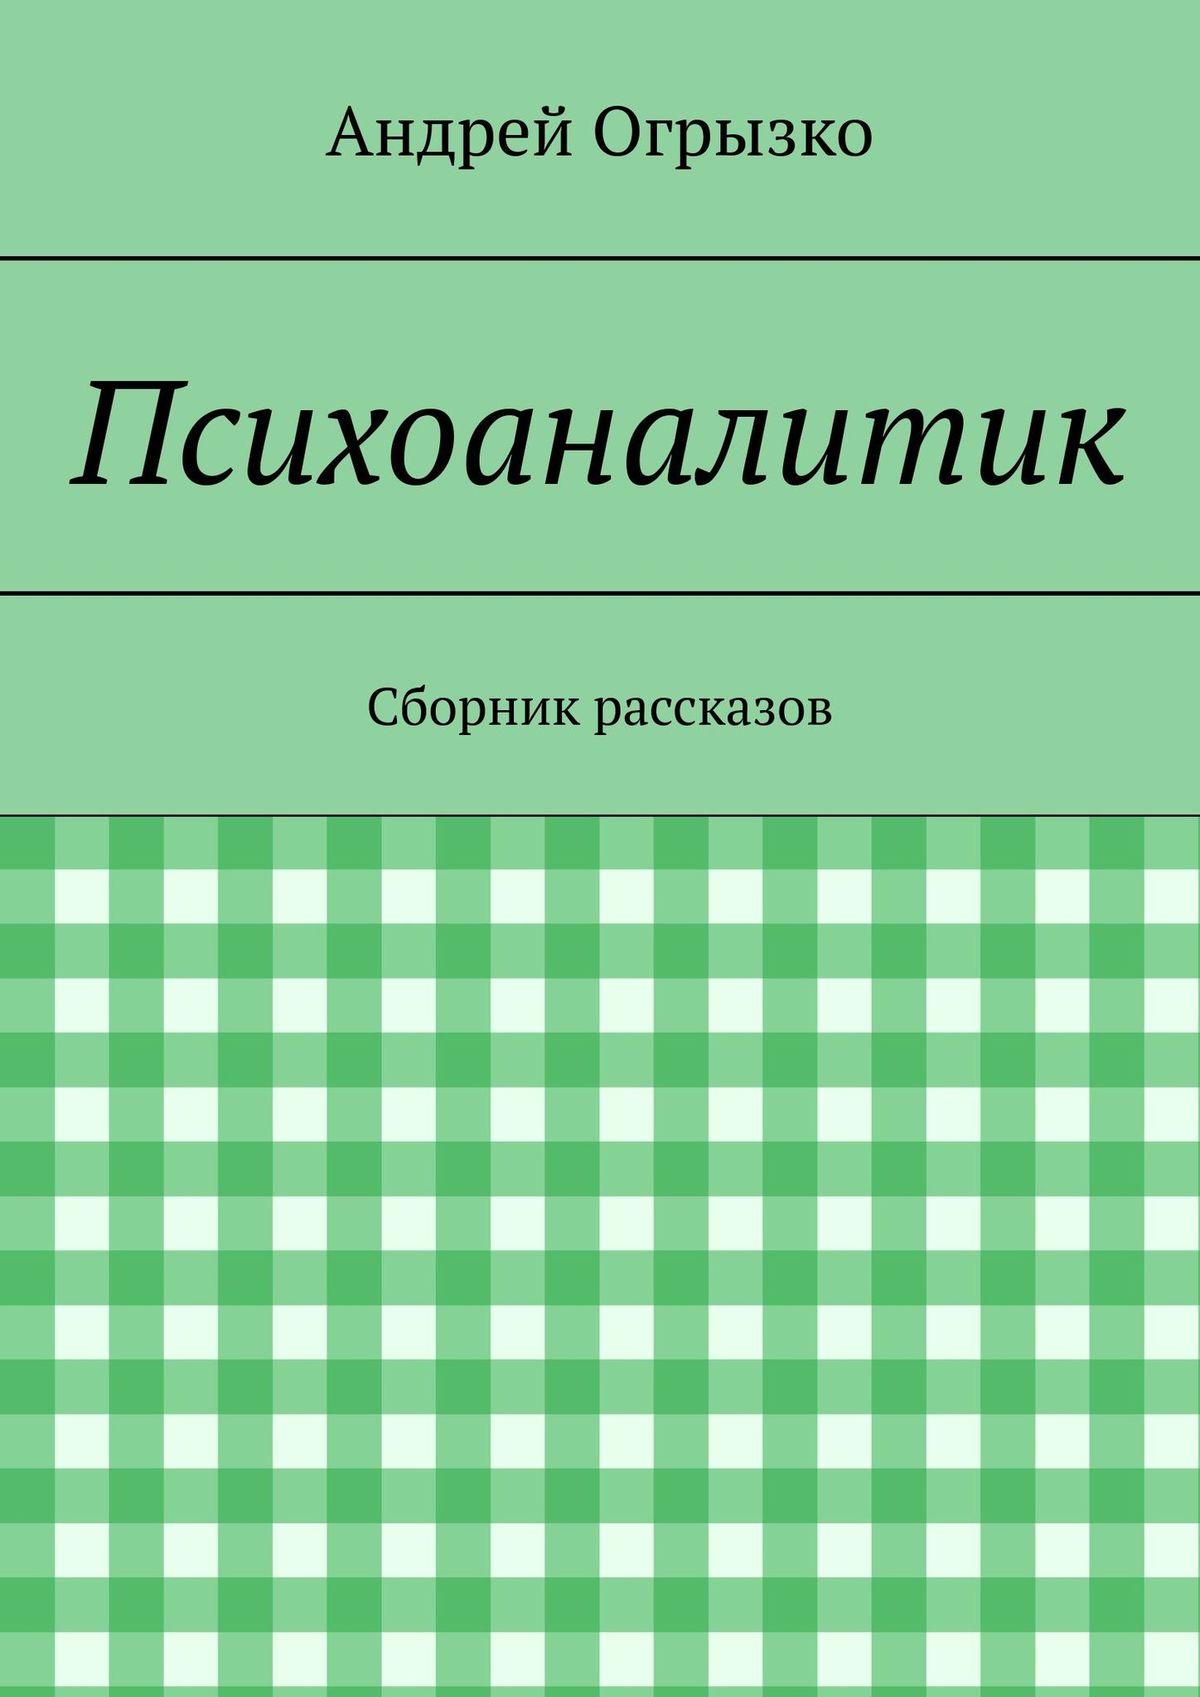 цена на Андрей Огрызко Психоаналитик. Сборник рассказов